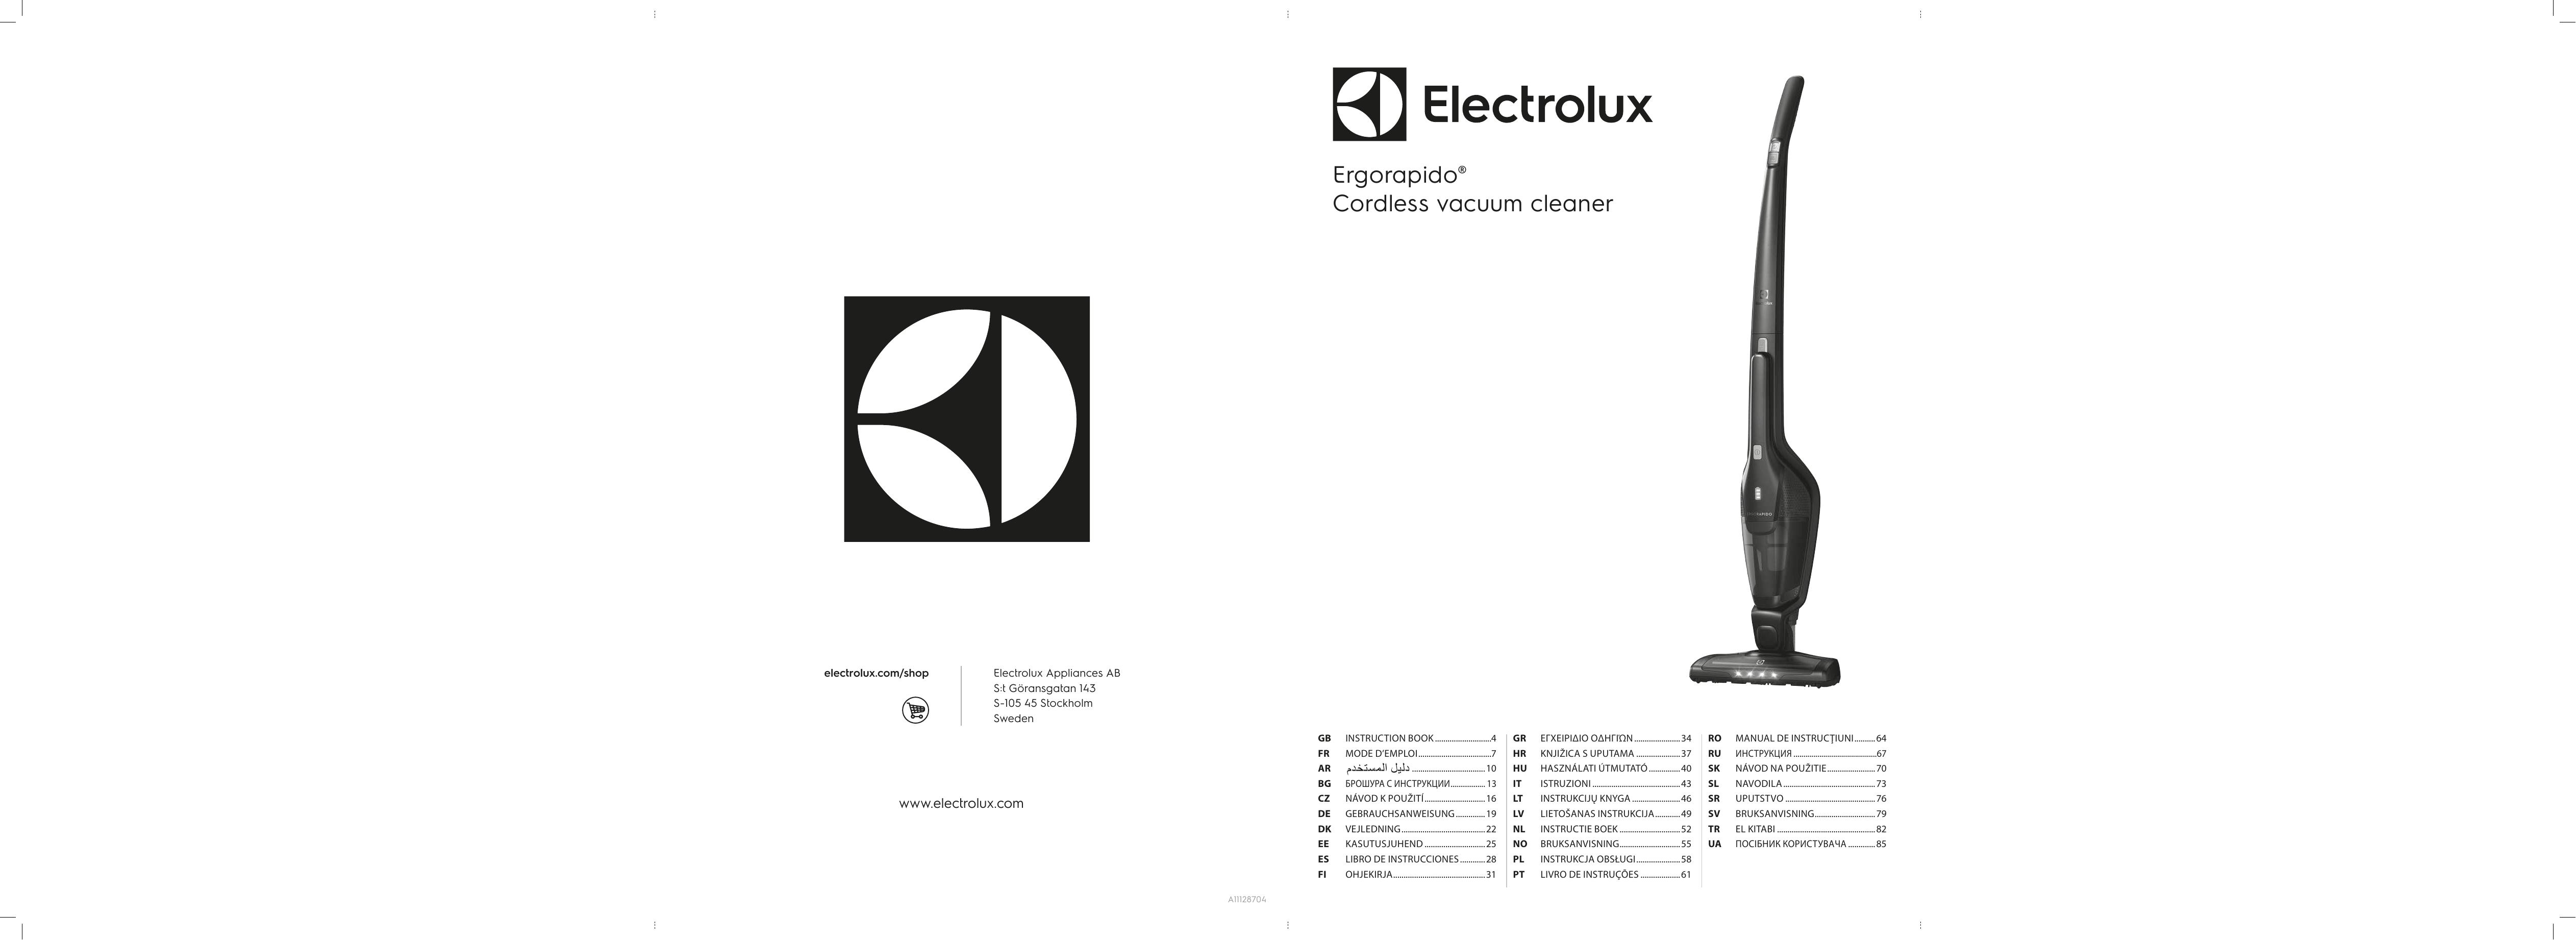 Electrolux EER73DB, EER73IGM, EER73BP, EER75STM